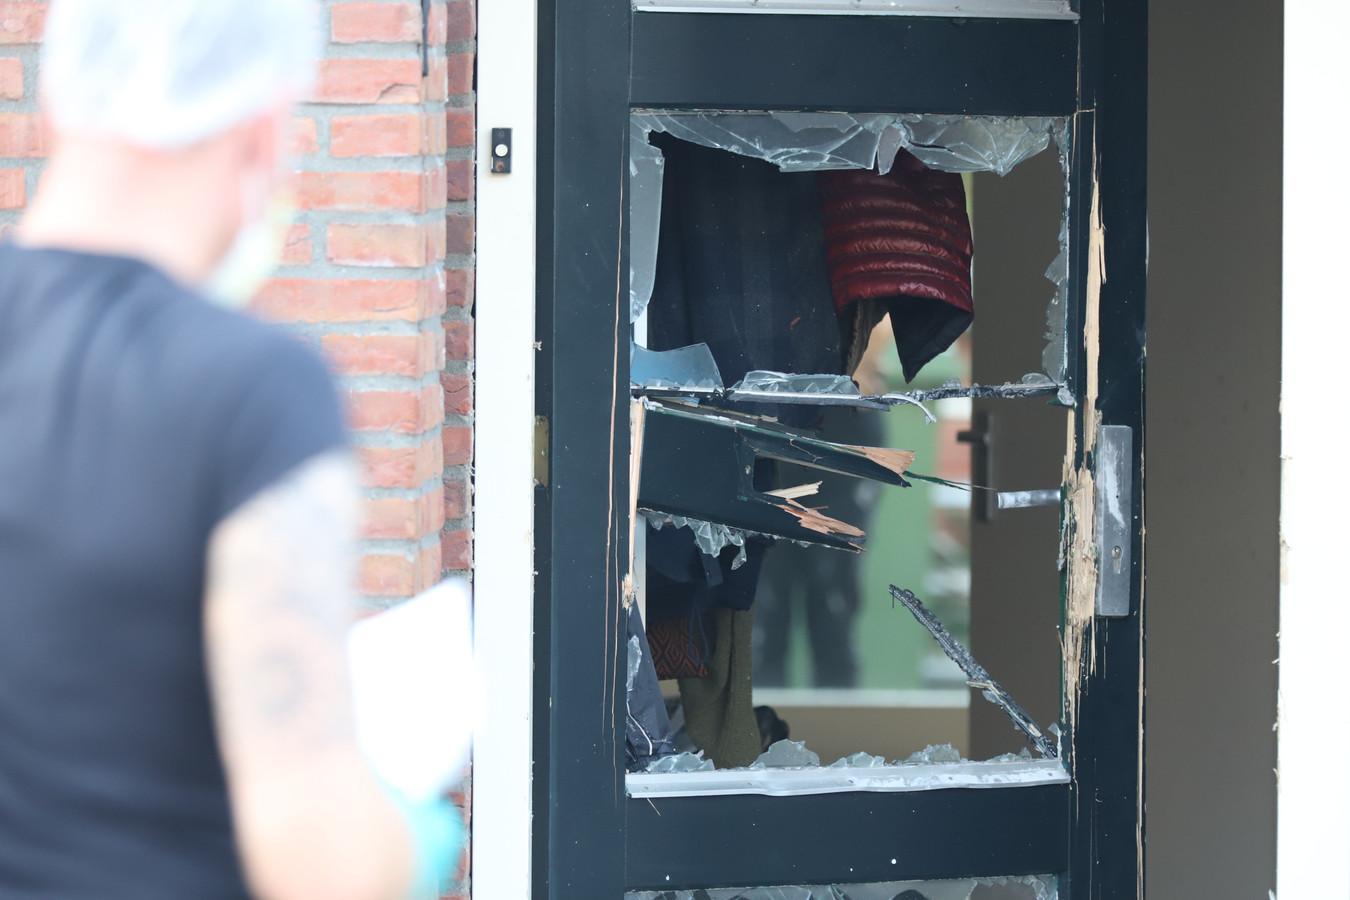 De voordeur in Den Hoorn werd opgeblazen met een explosief